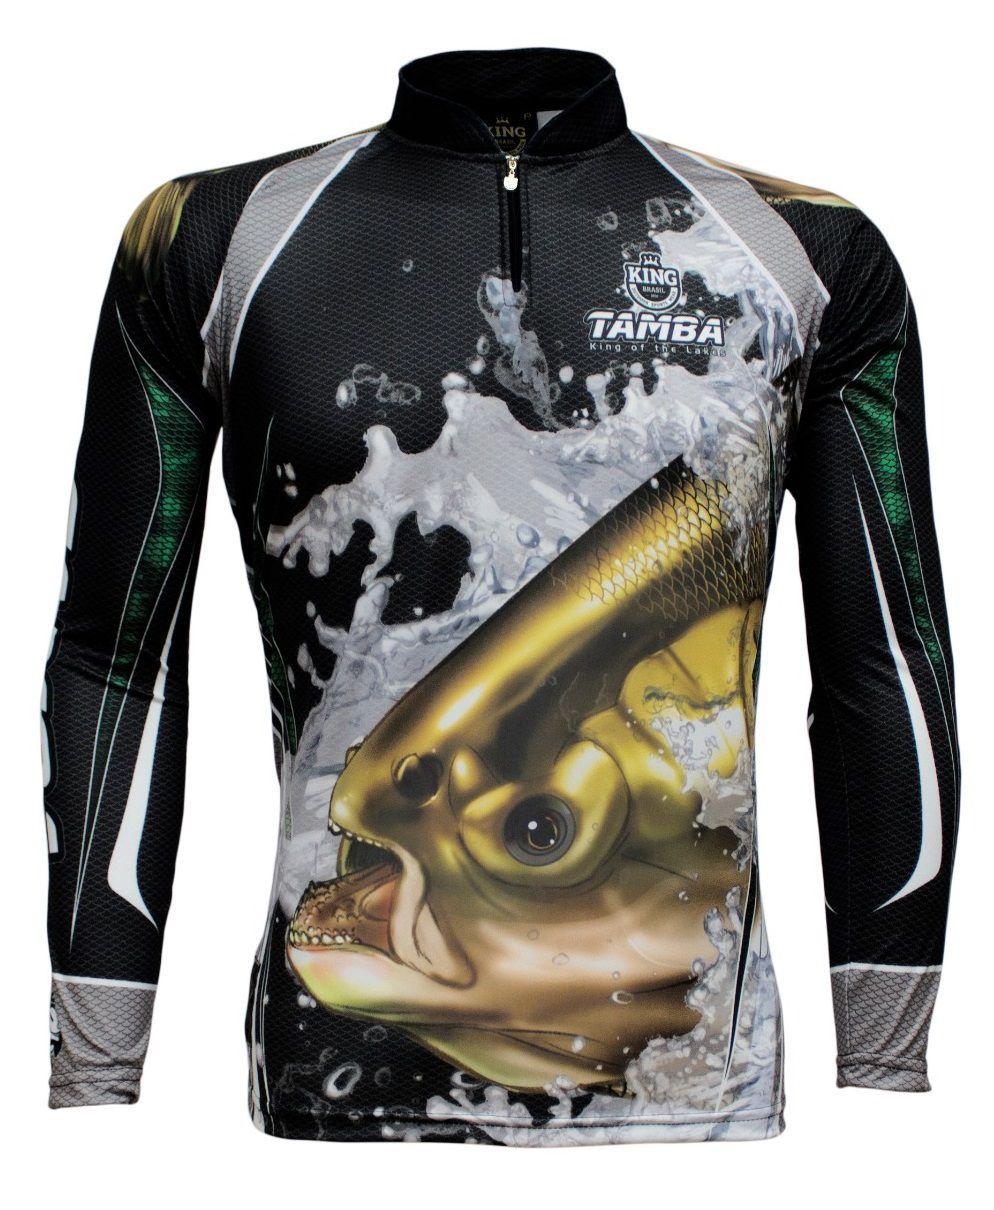 Camiseta De Pesca King Proteção Solar Uv KFF304 - Tamba